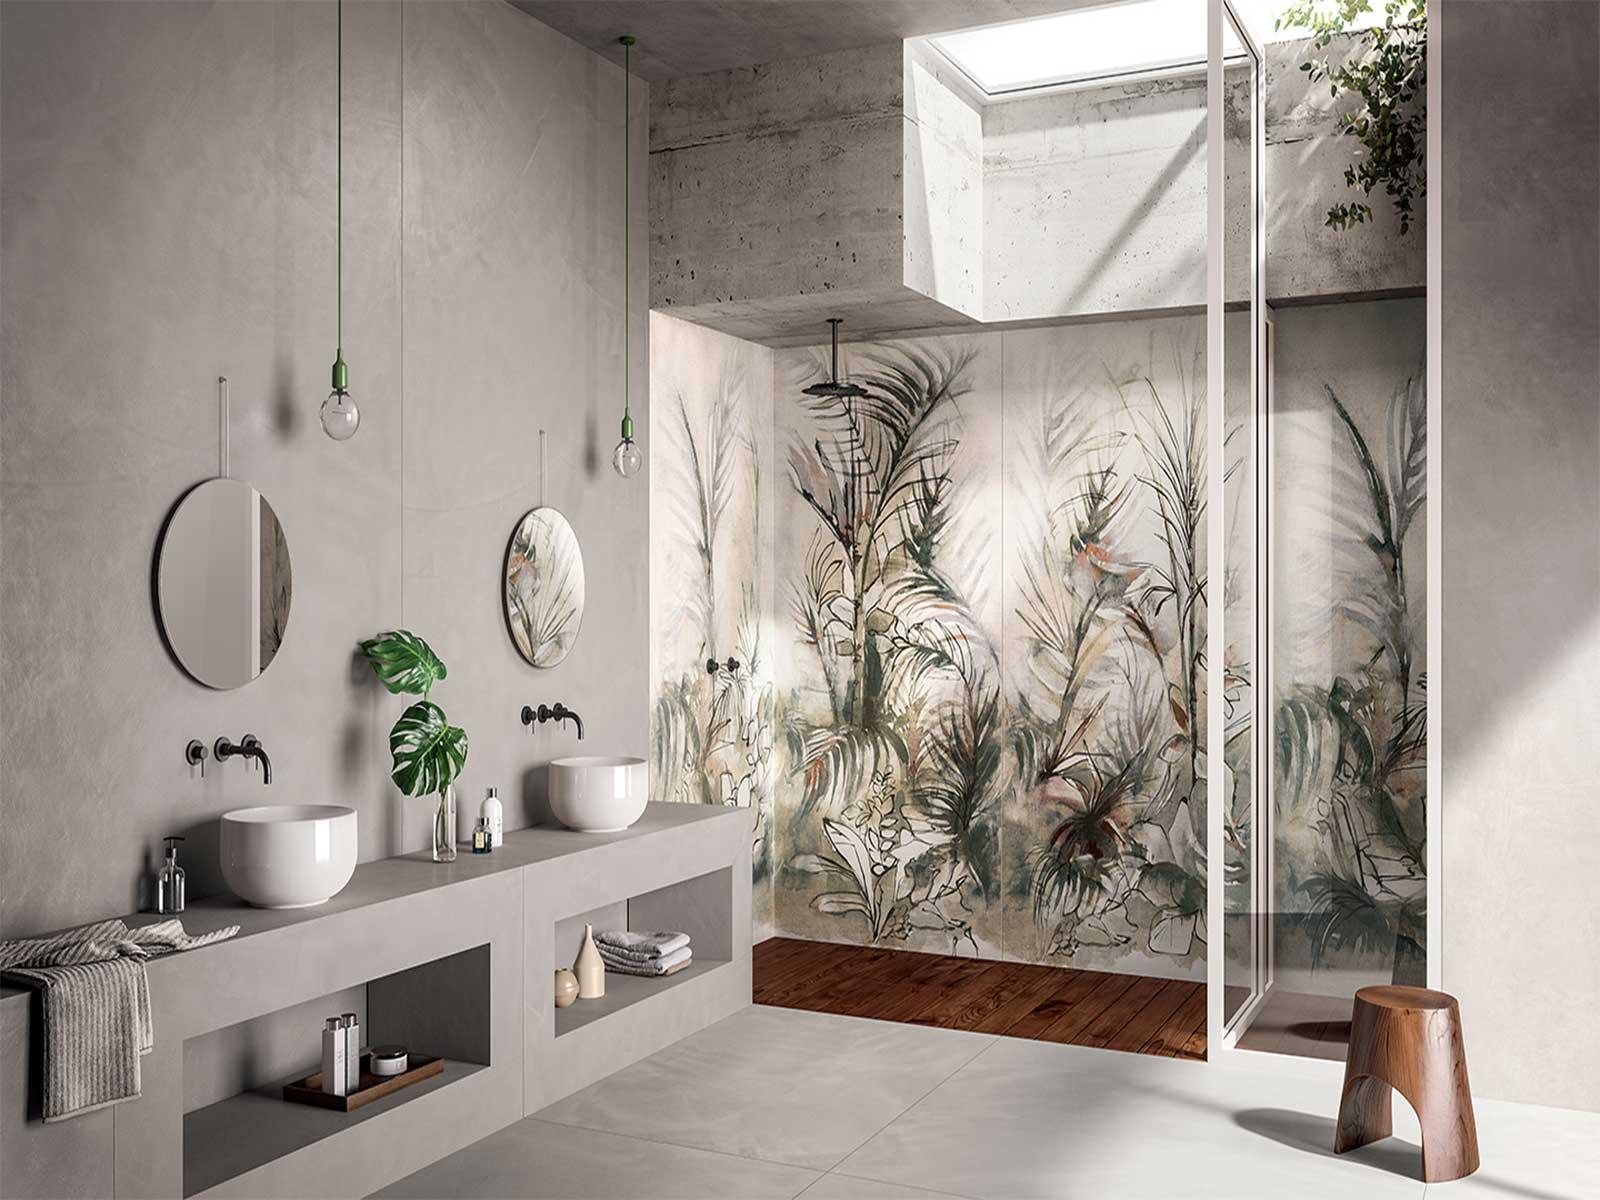 Ceramiche Santin Grandi lastre Dream Jungle 120x240 di Fondovalle